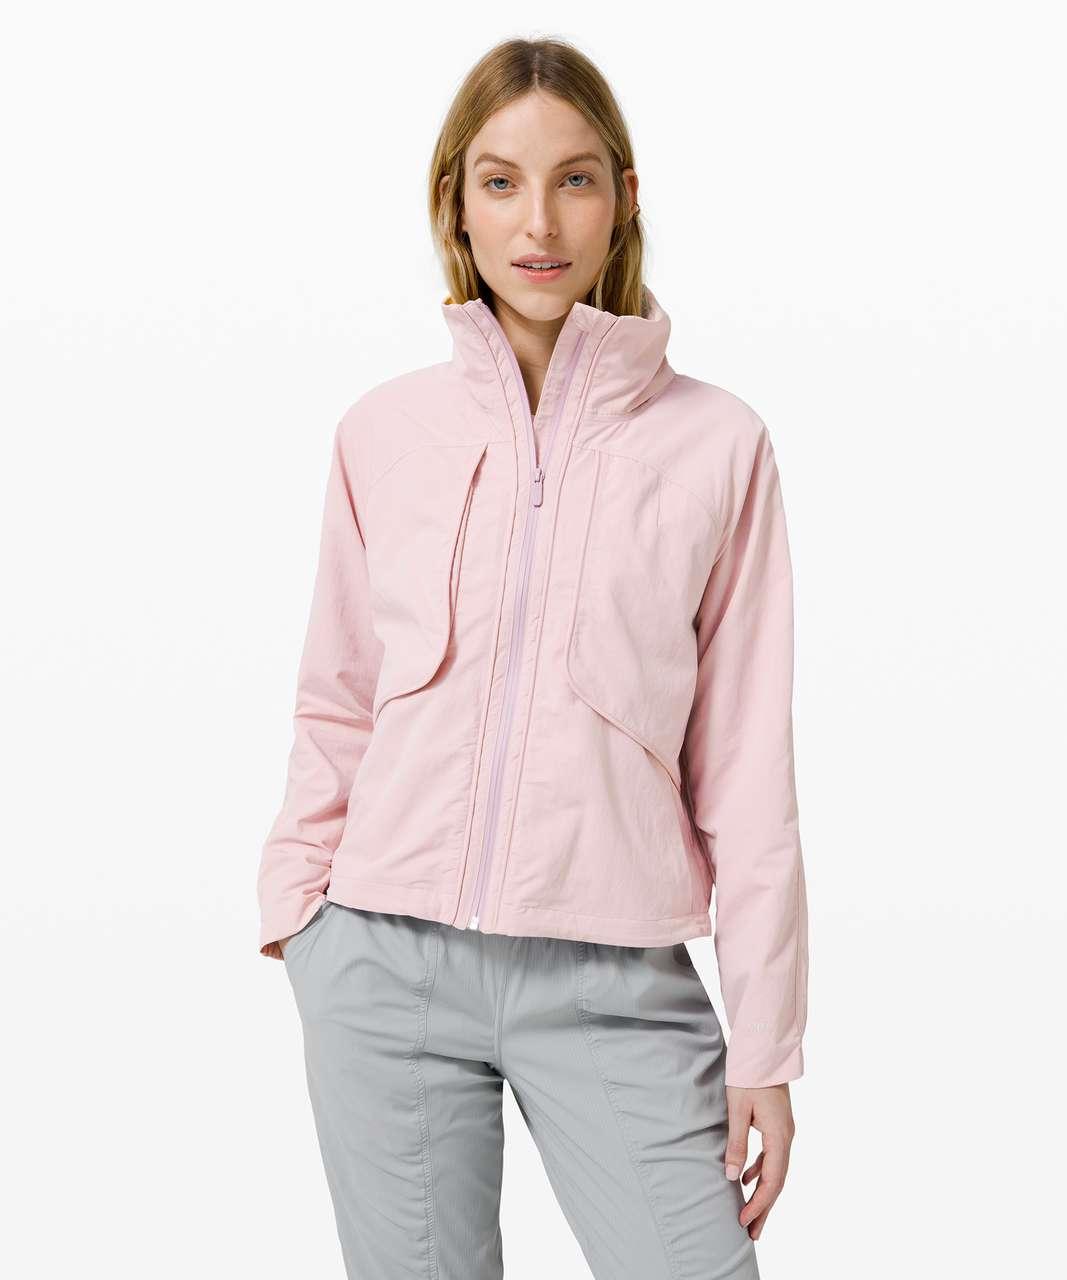 Lululemon Always Effortless Jacket - Porcelain Pink